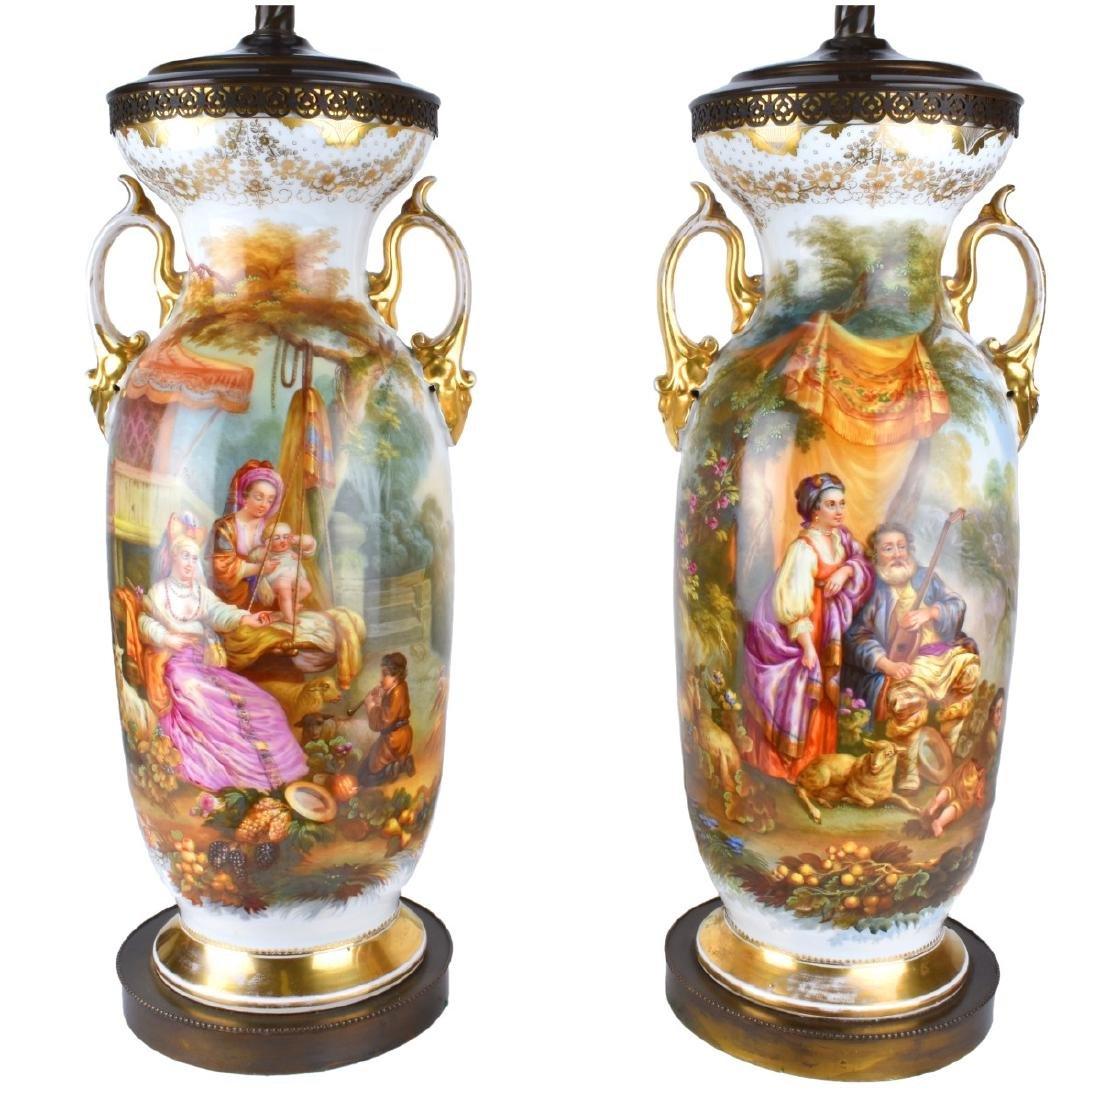 Old Paris Porcelain Vases as Lamps